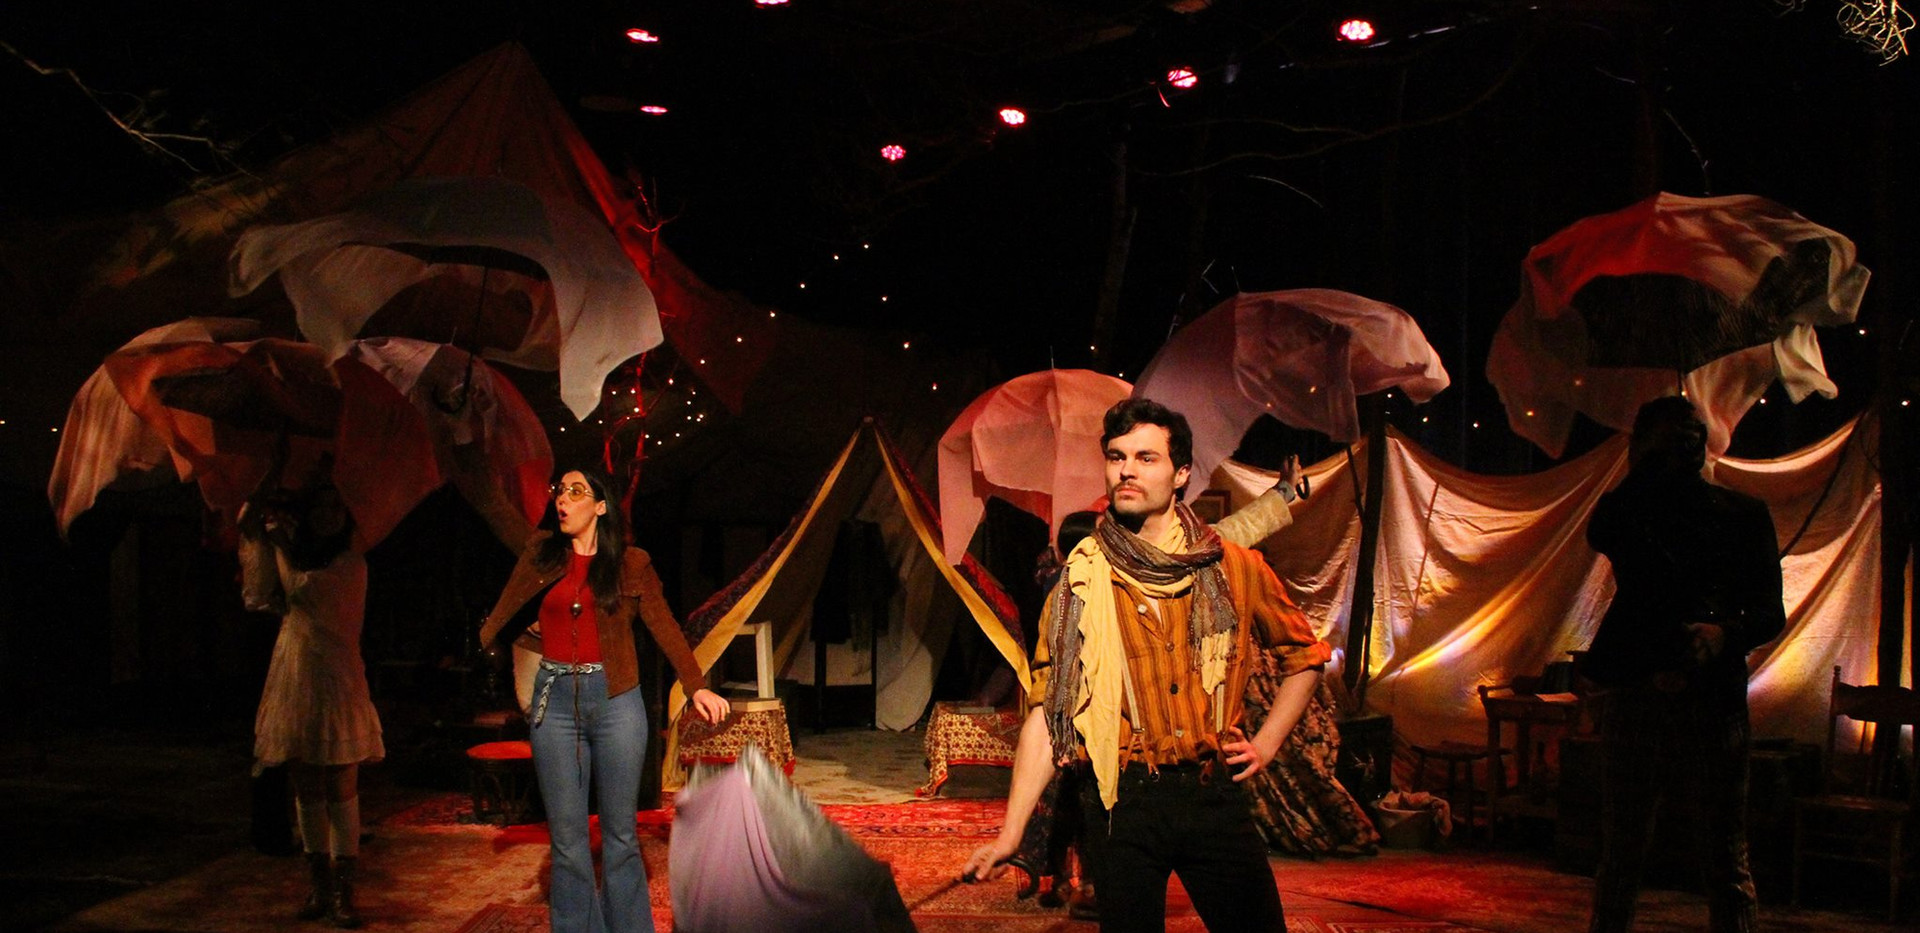 Anna - Ego Po Theatre Company